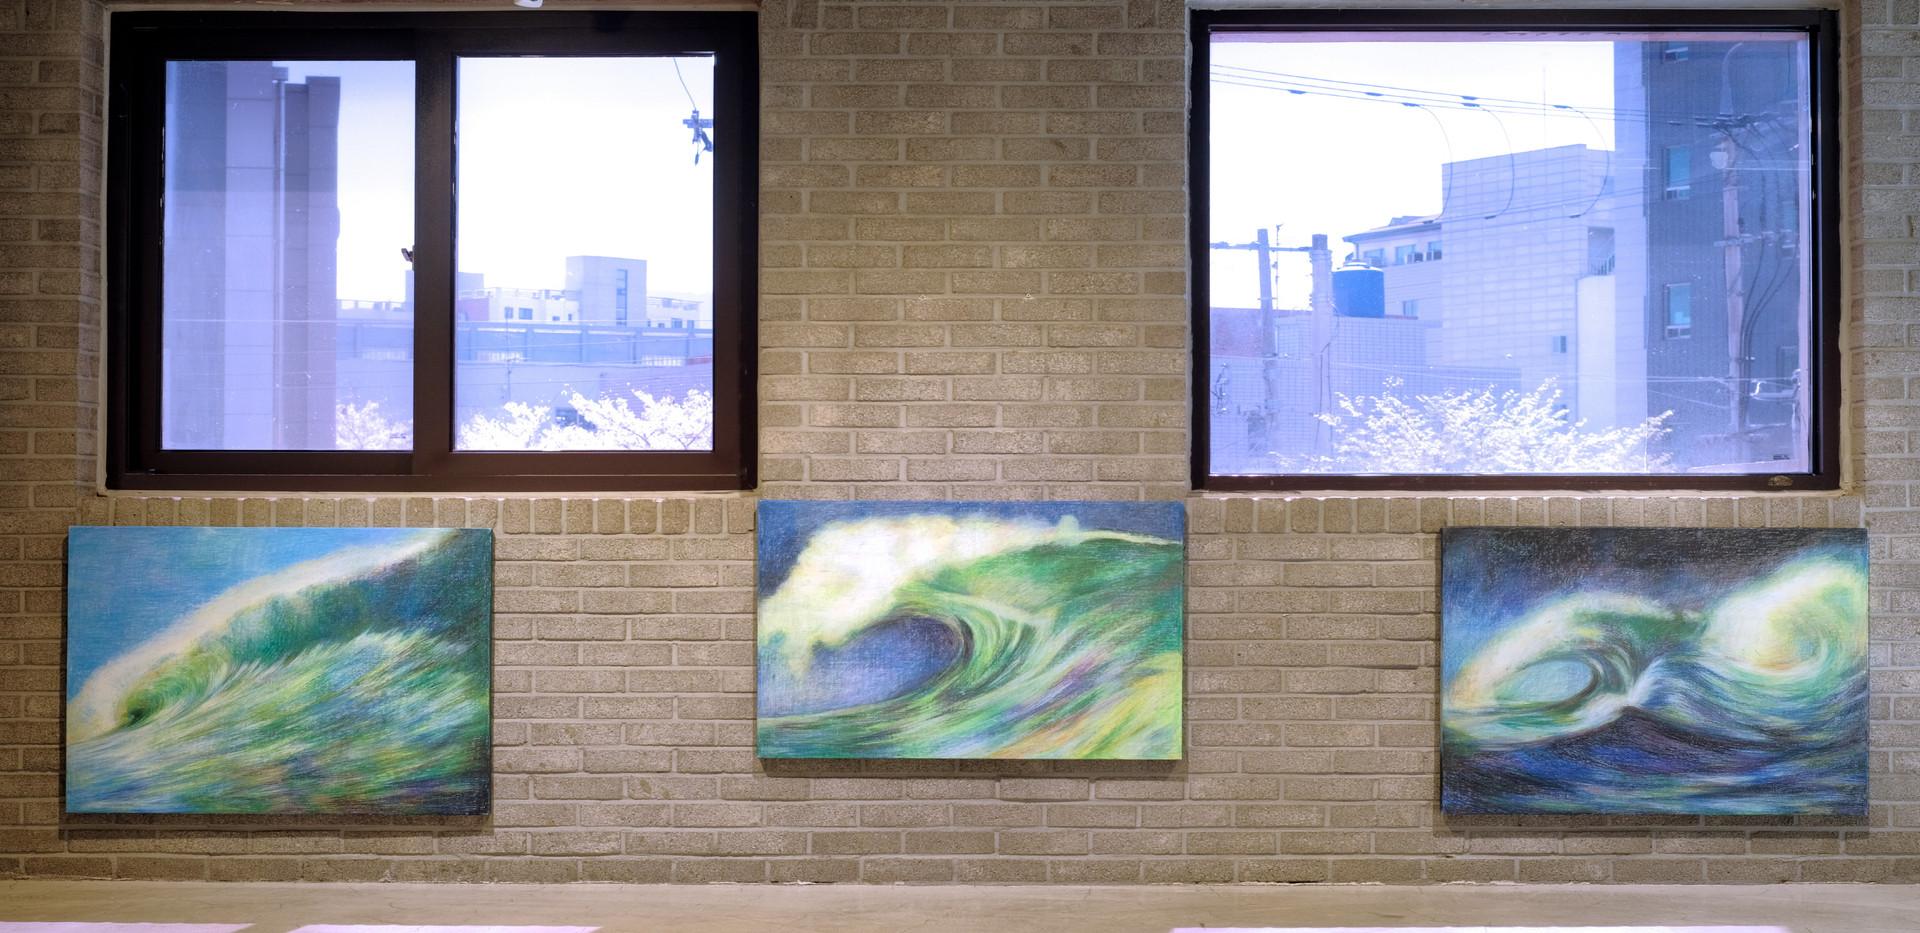 윤우진 <생(life)>, oilpastel on canvas, 72.7*90.9m, 2019 <생(life)>, oilpastel on canvas, 72.7*90.9m, 2019 <생(life)>, oilpastel on canvas, 72.7*90.9m, 2019